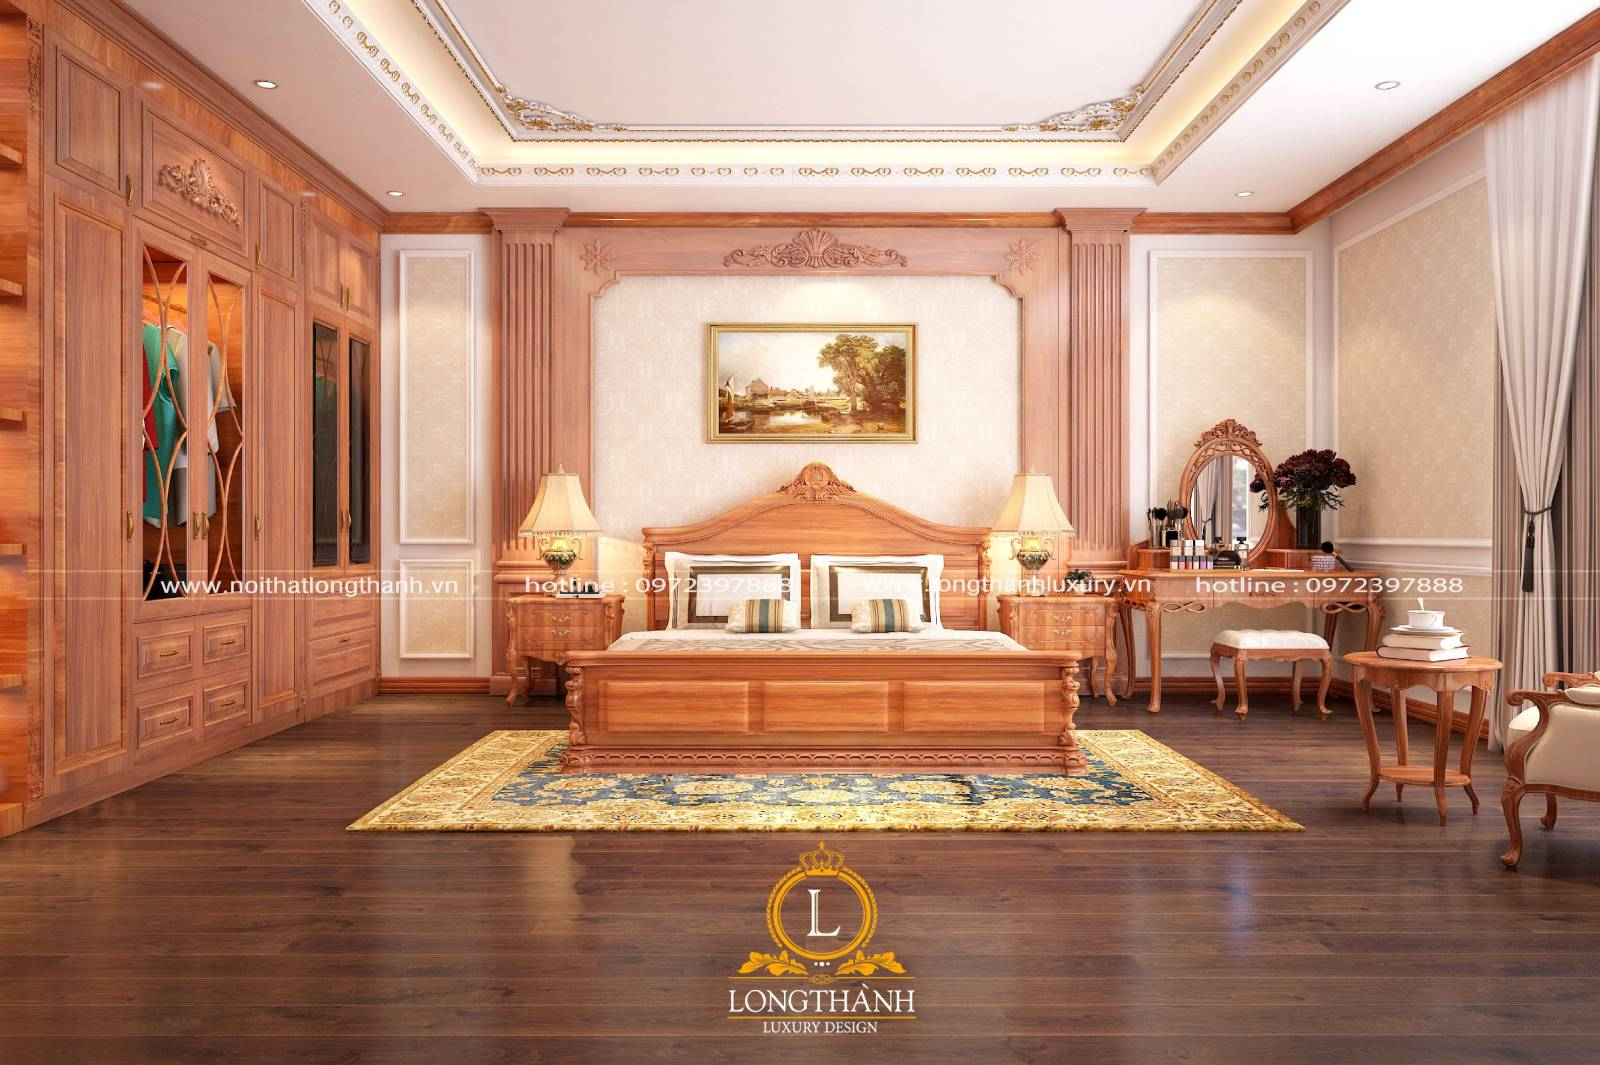 Thiết kế giường ngủ tân cổ điển làm từ gỗ Gõ đỏ đơn giản sang trọng